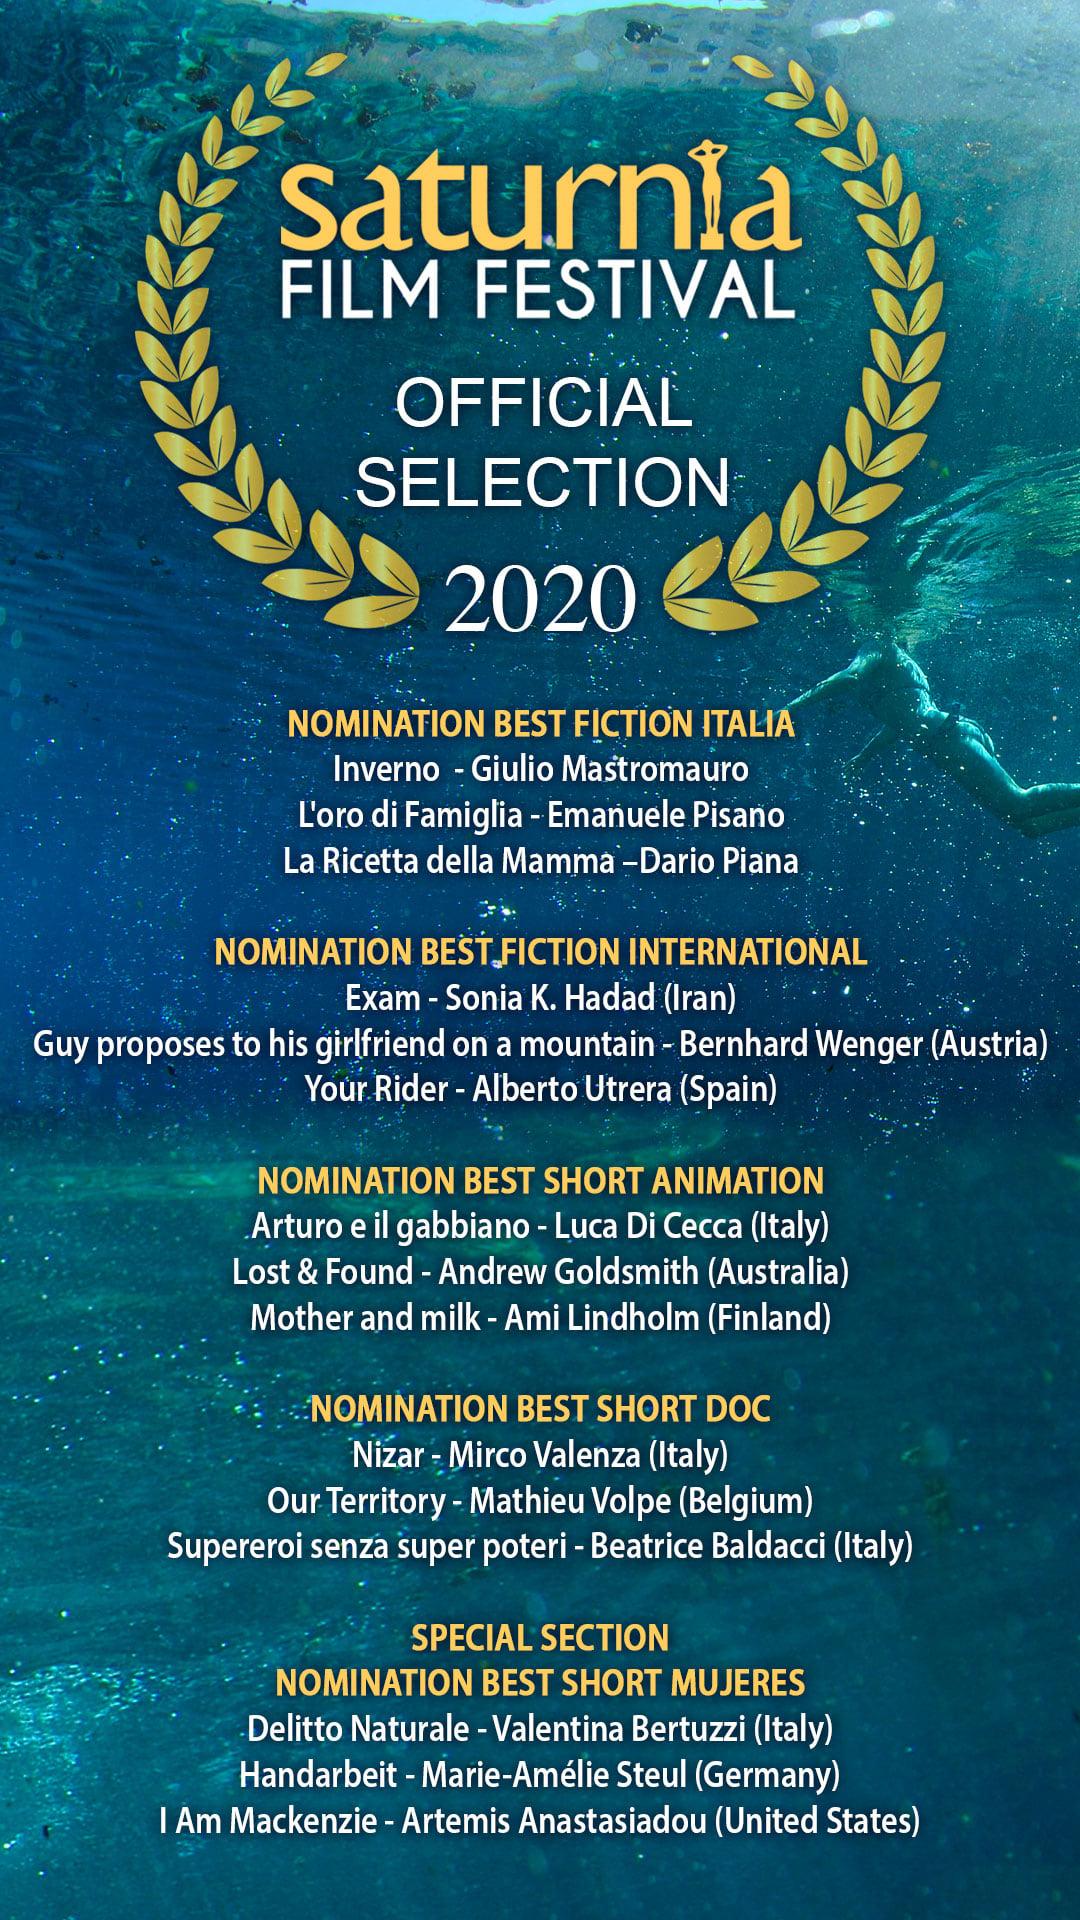 116634502 599050923981322 7817327829347055985 o - Saturnia Film Festival 2020